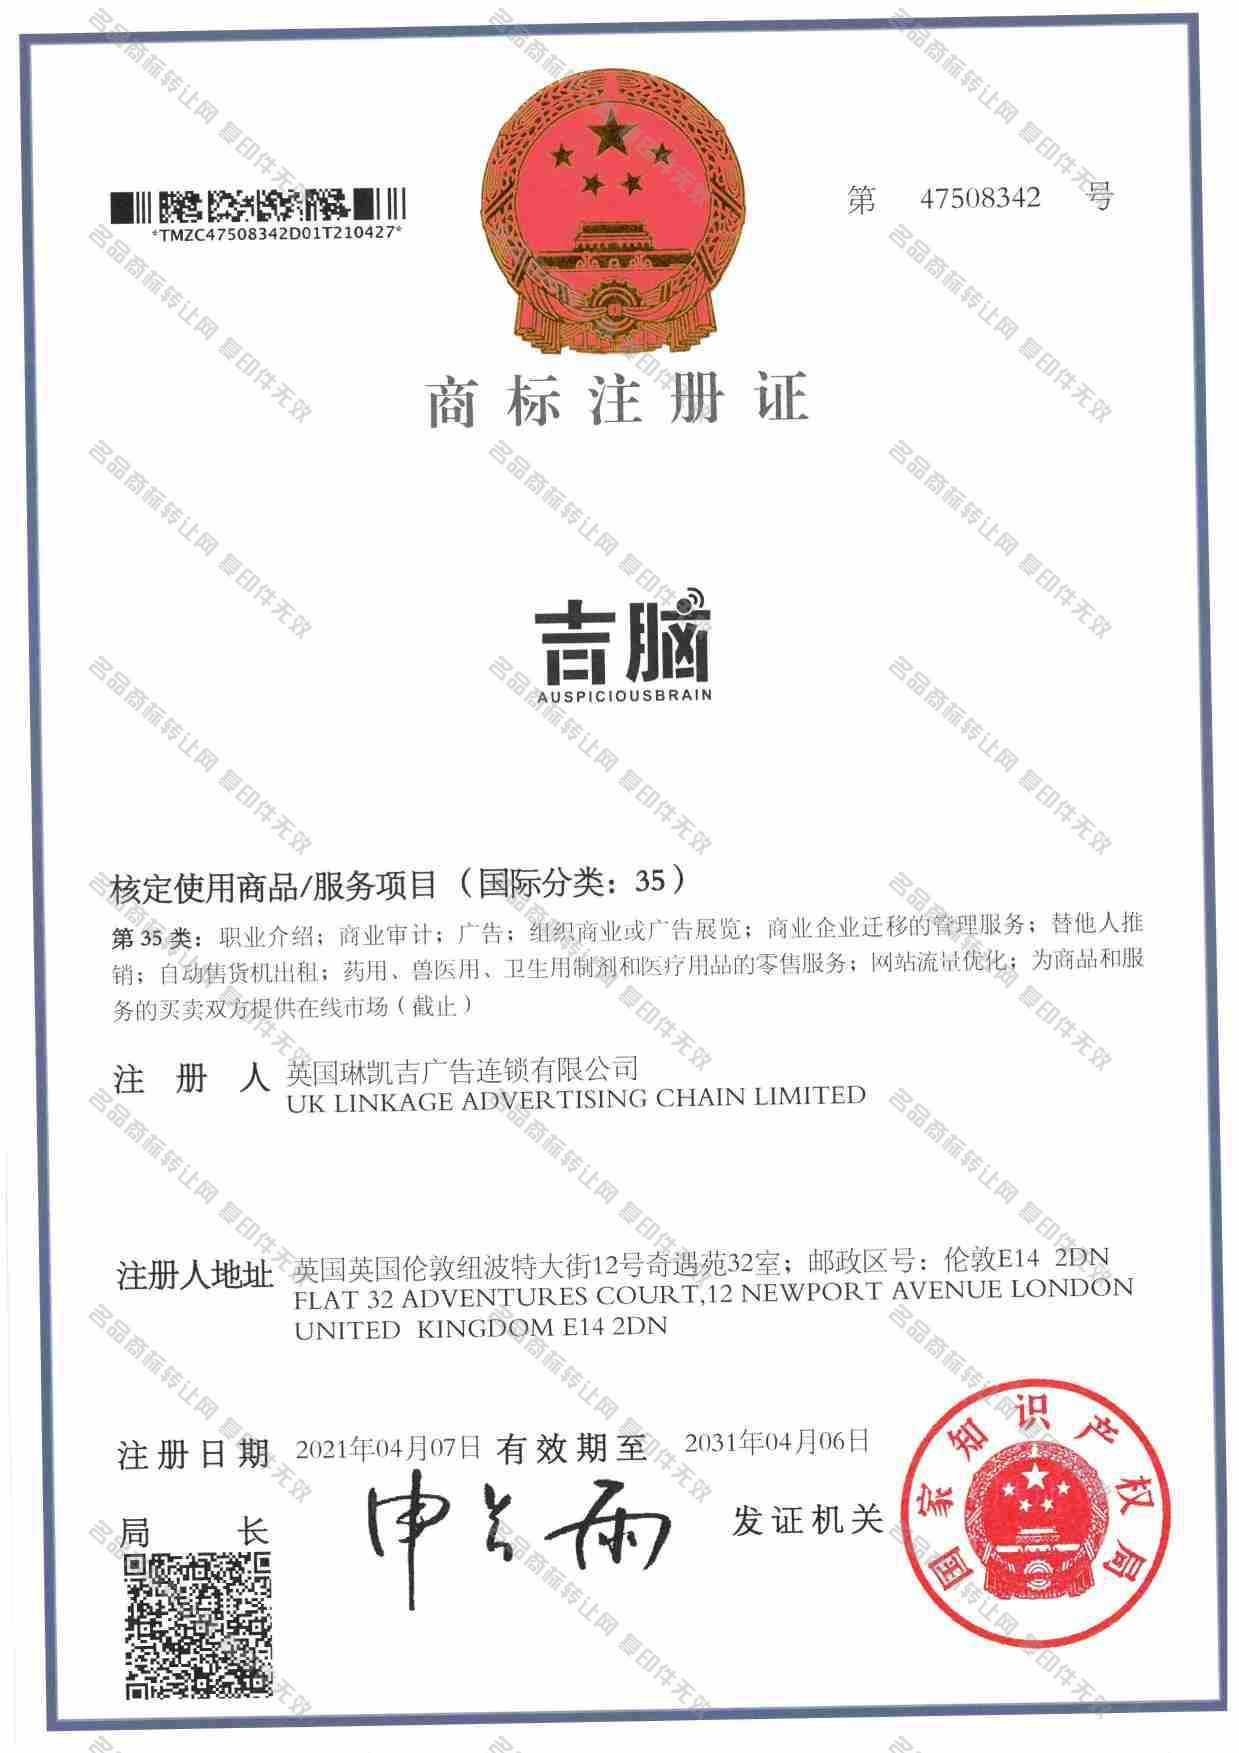 吉脑 AUSPICIOUS BRAIN注册证